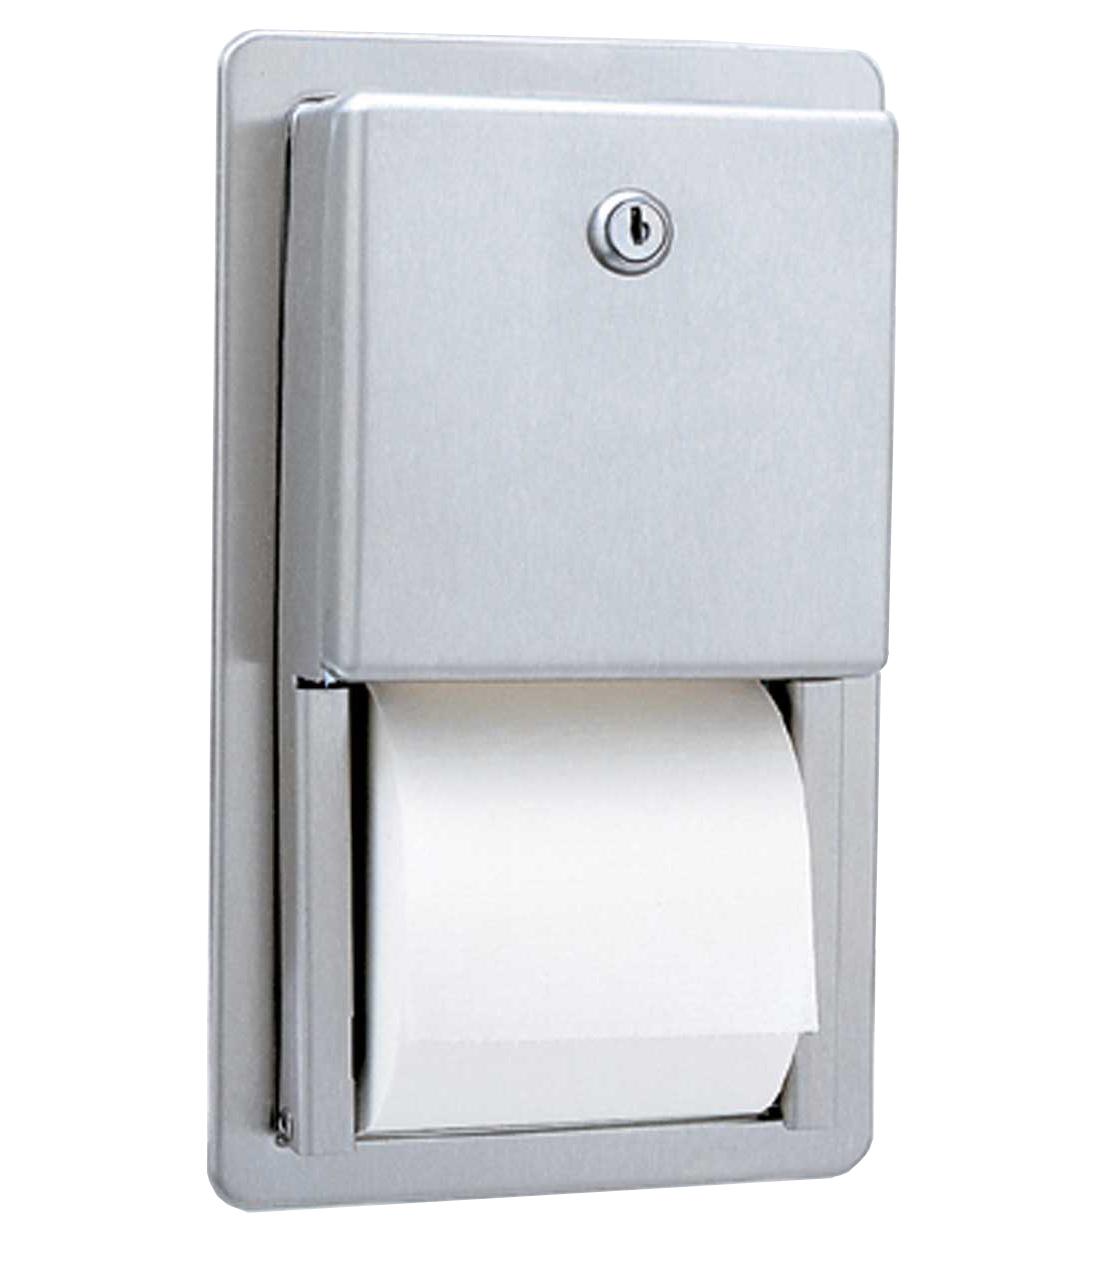 Gamco TTD-6 Recessed Multi-Roll Toilet Tissue Dispenser